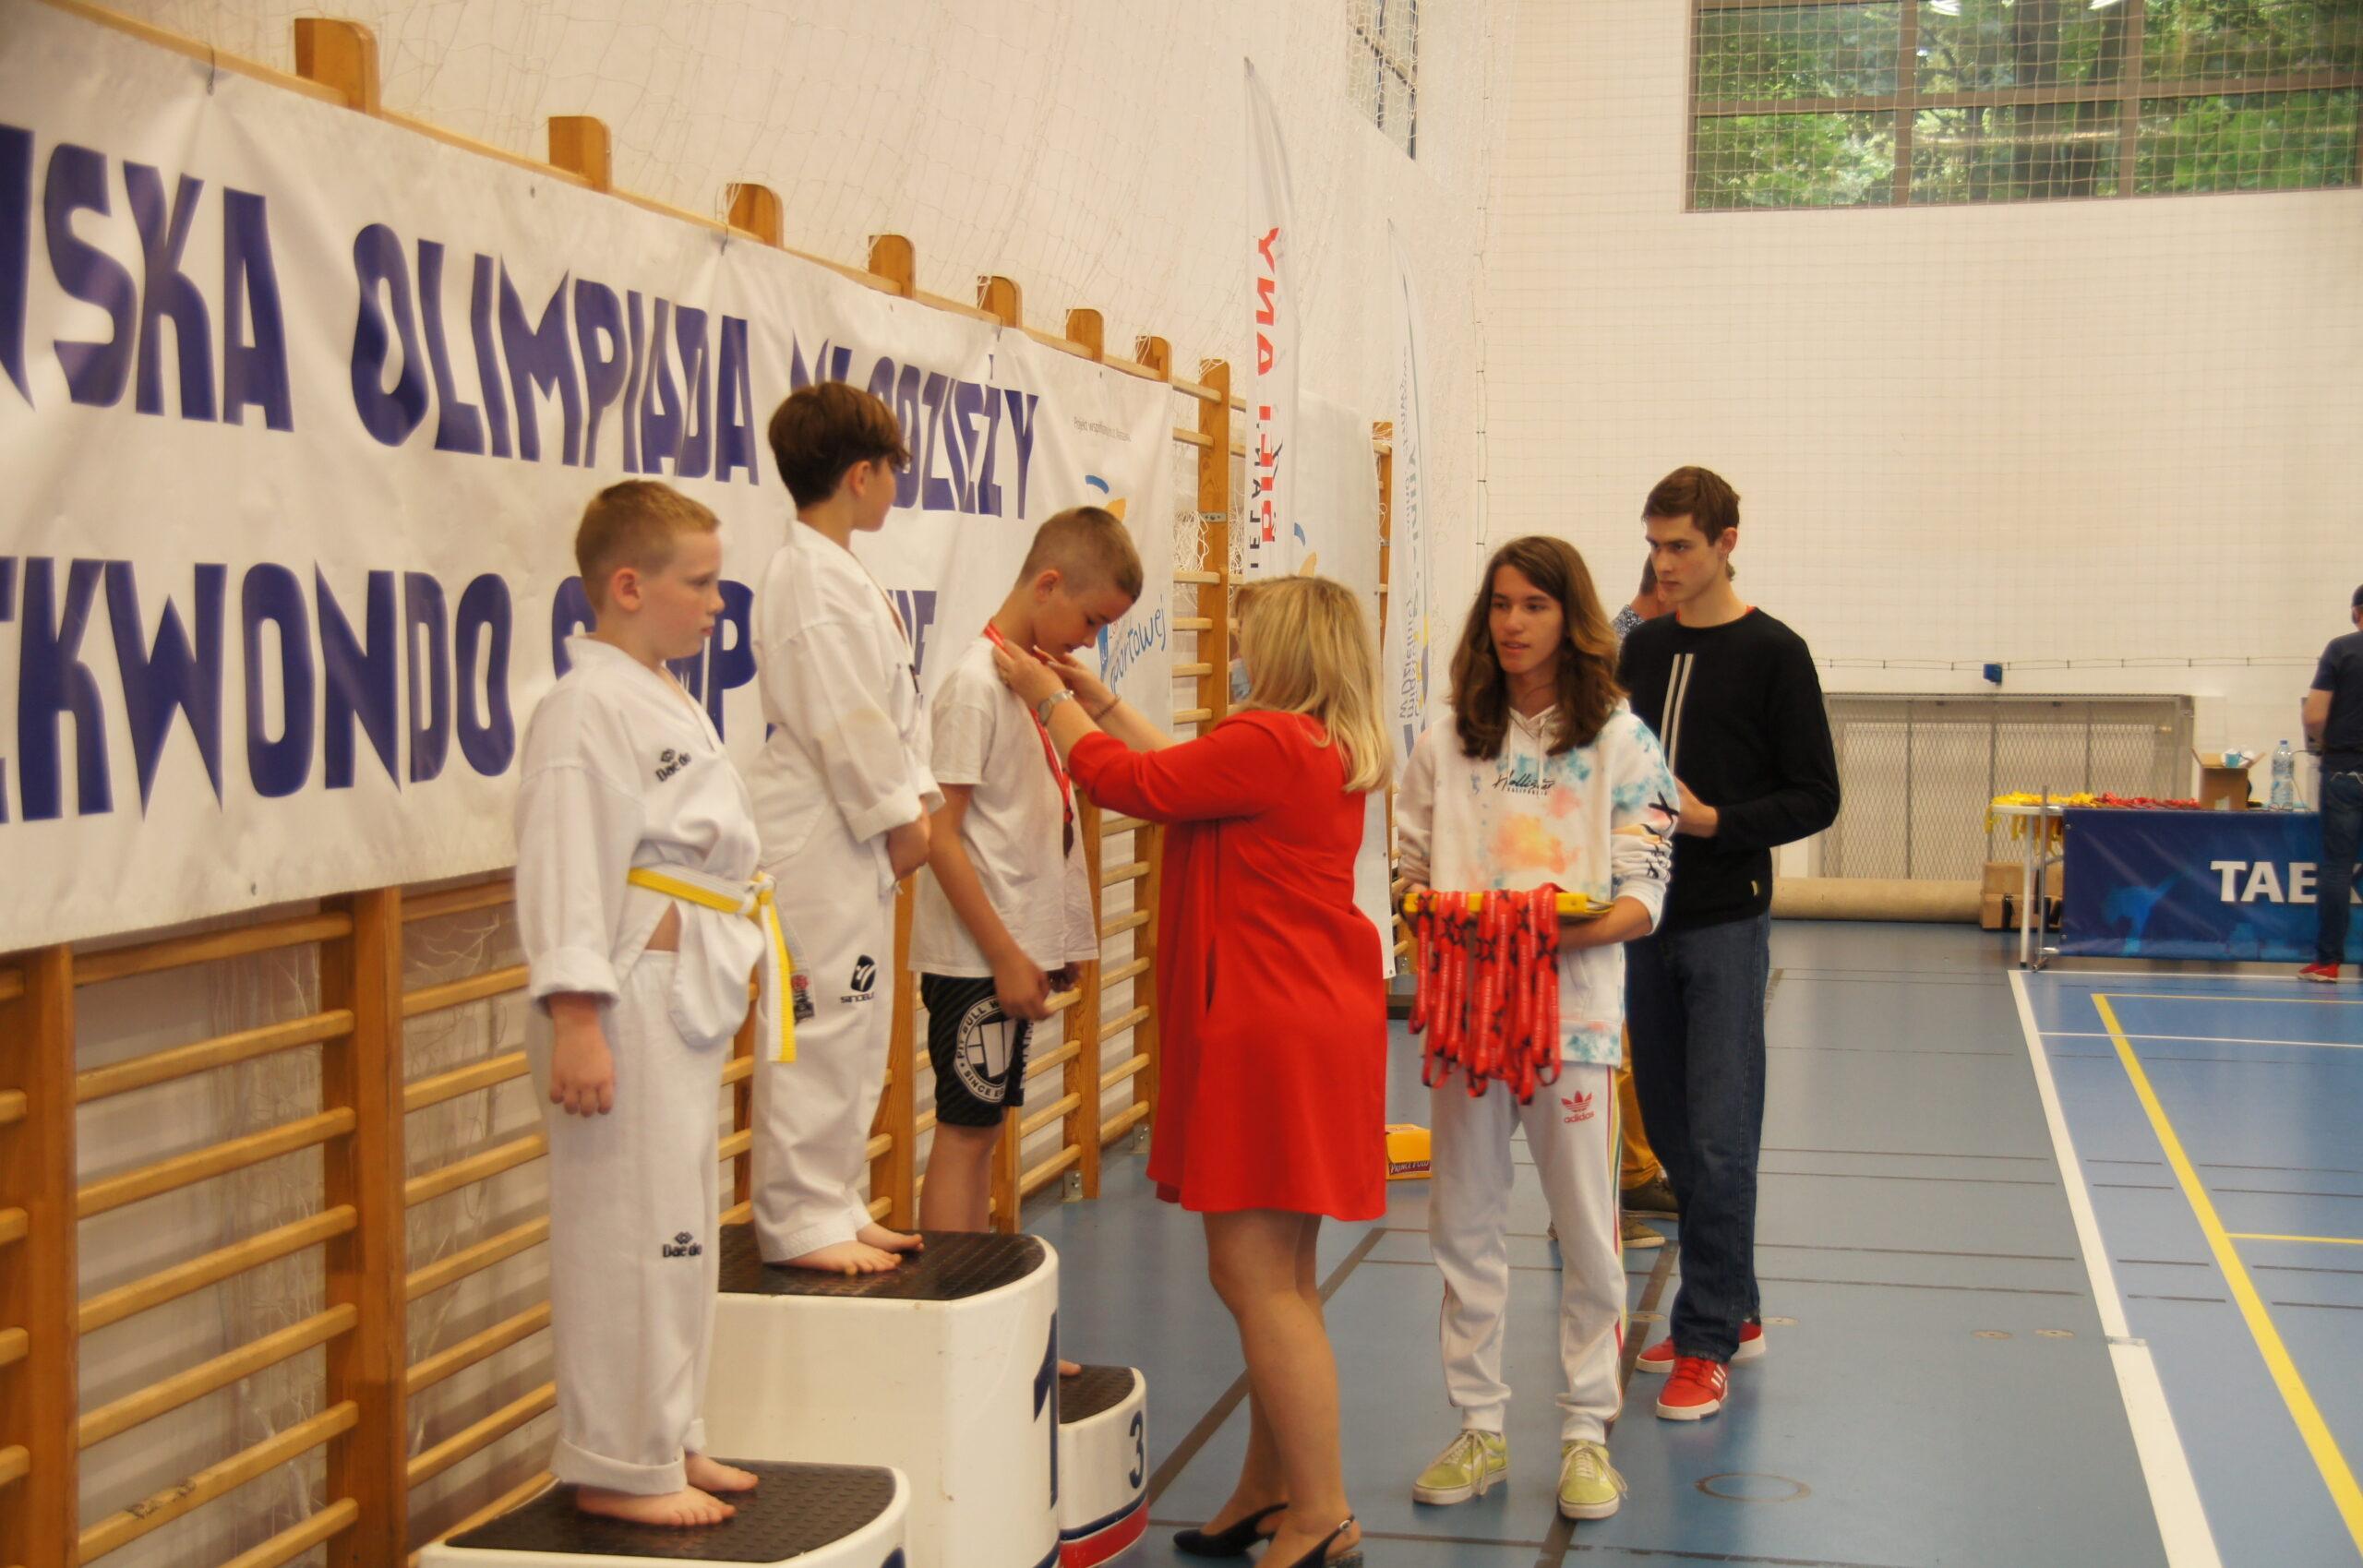 Dekoracja młodych zawodników na hali sportowej.